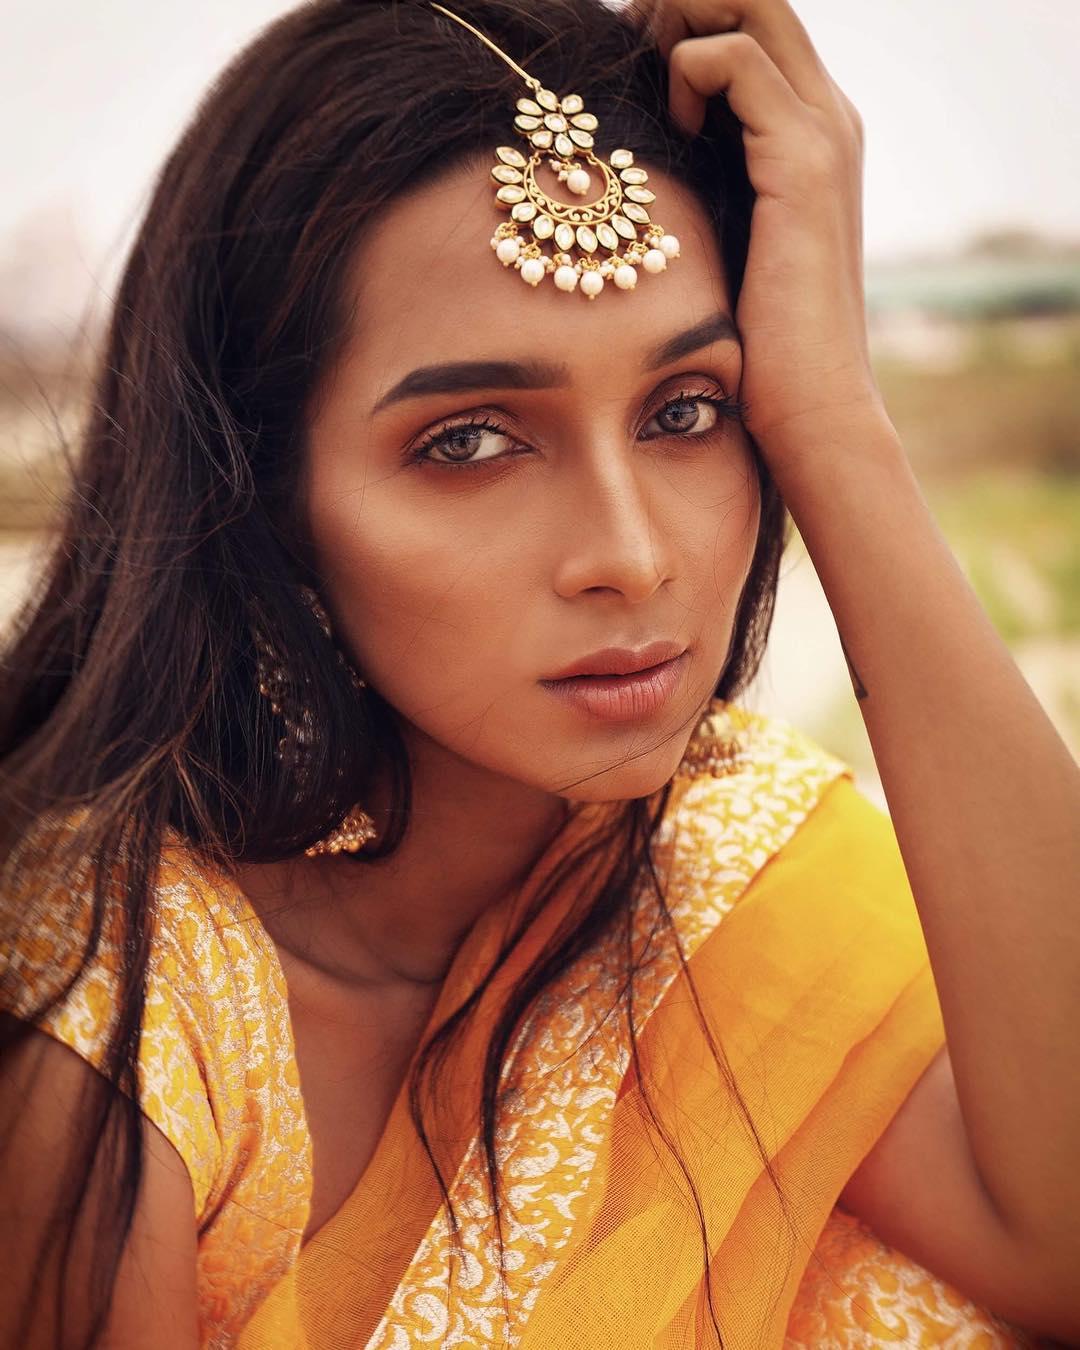 தனுஷிற்கு கொக்கி போடும் நடிகை  சிக்குவாரா சுள்ளான்...?